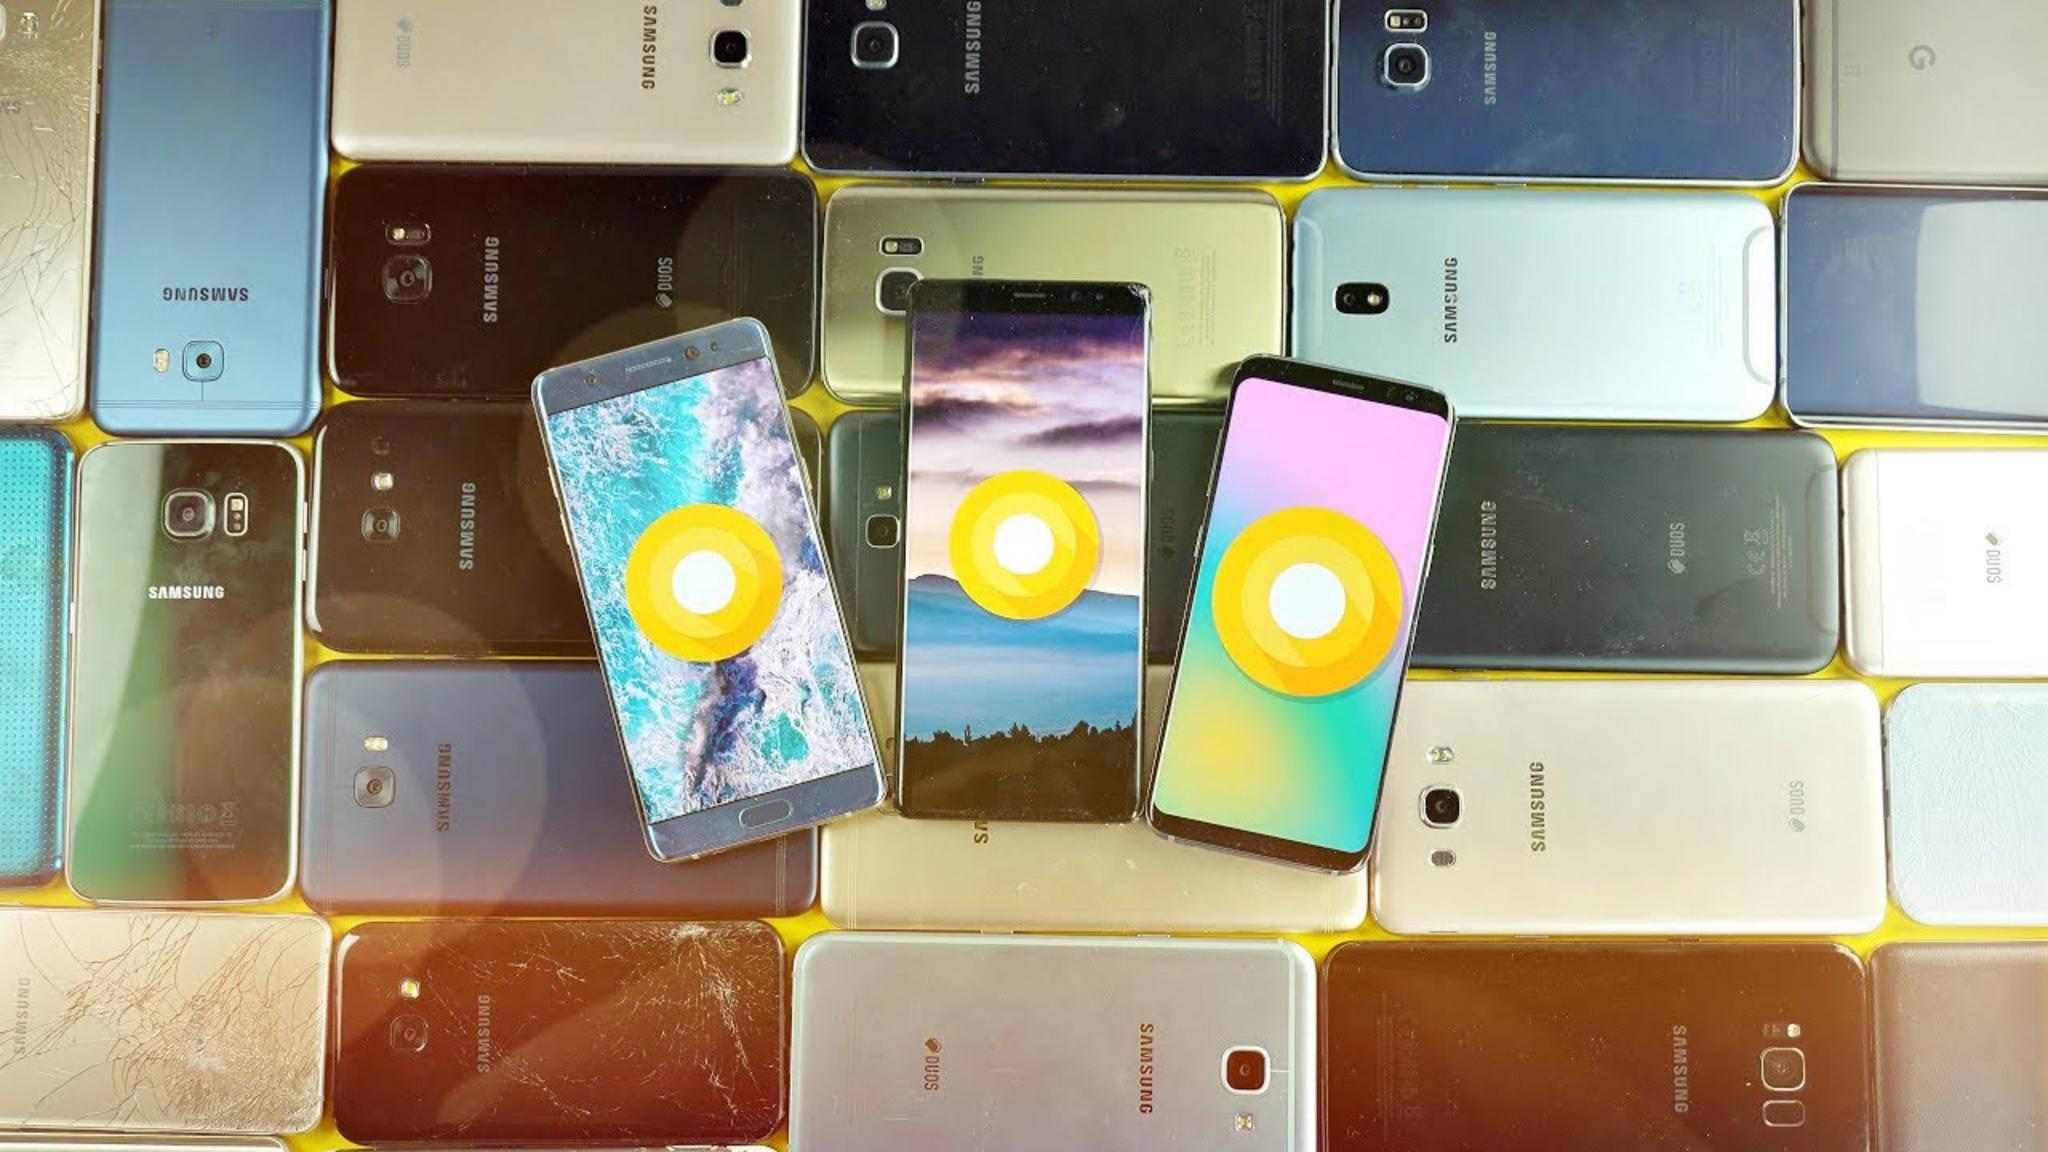 In Kürze soll das Beta-Programm für Android 8 für das Galaxy S8 anlaufen.